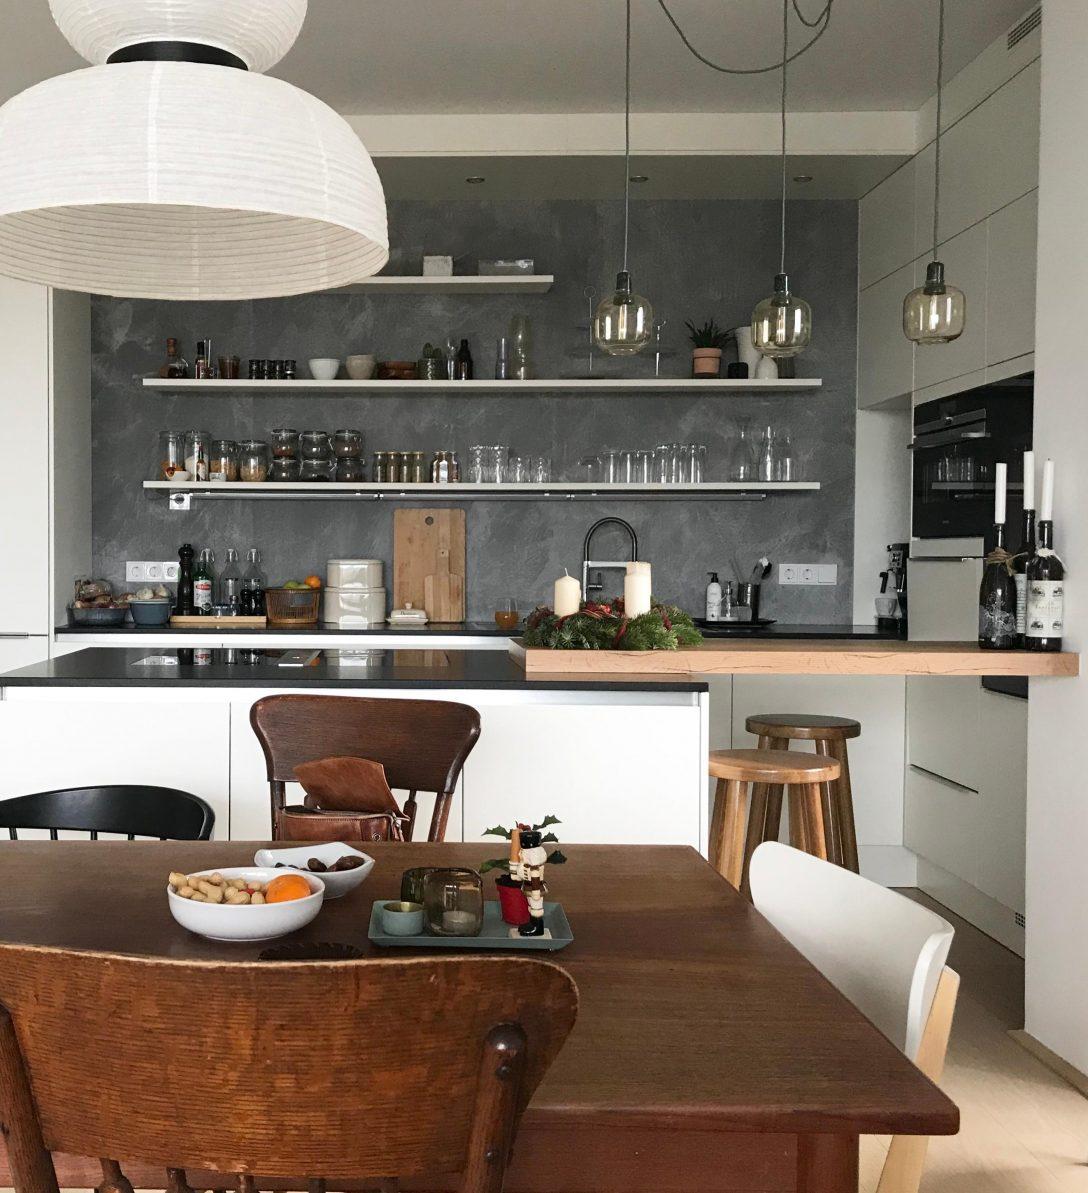 Large Size of Küche Mit Essplatz Einrichten Küche Und Essplatz Essplatz Küche Ideen Küche Esstisch Integriert Küche Essplatz Küche